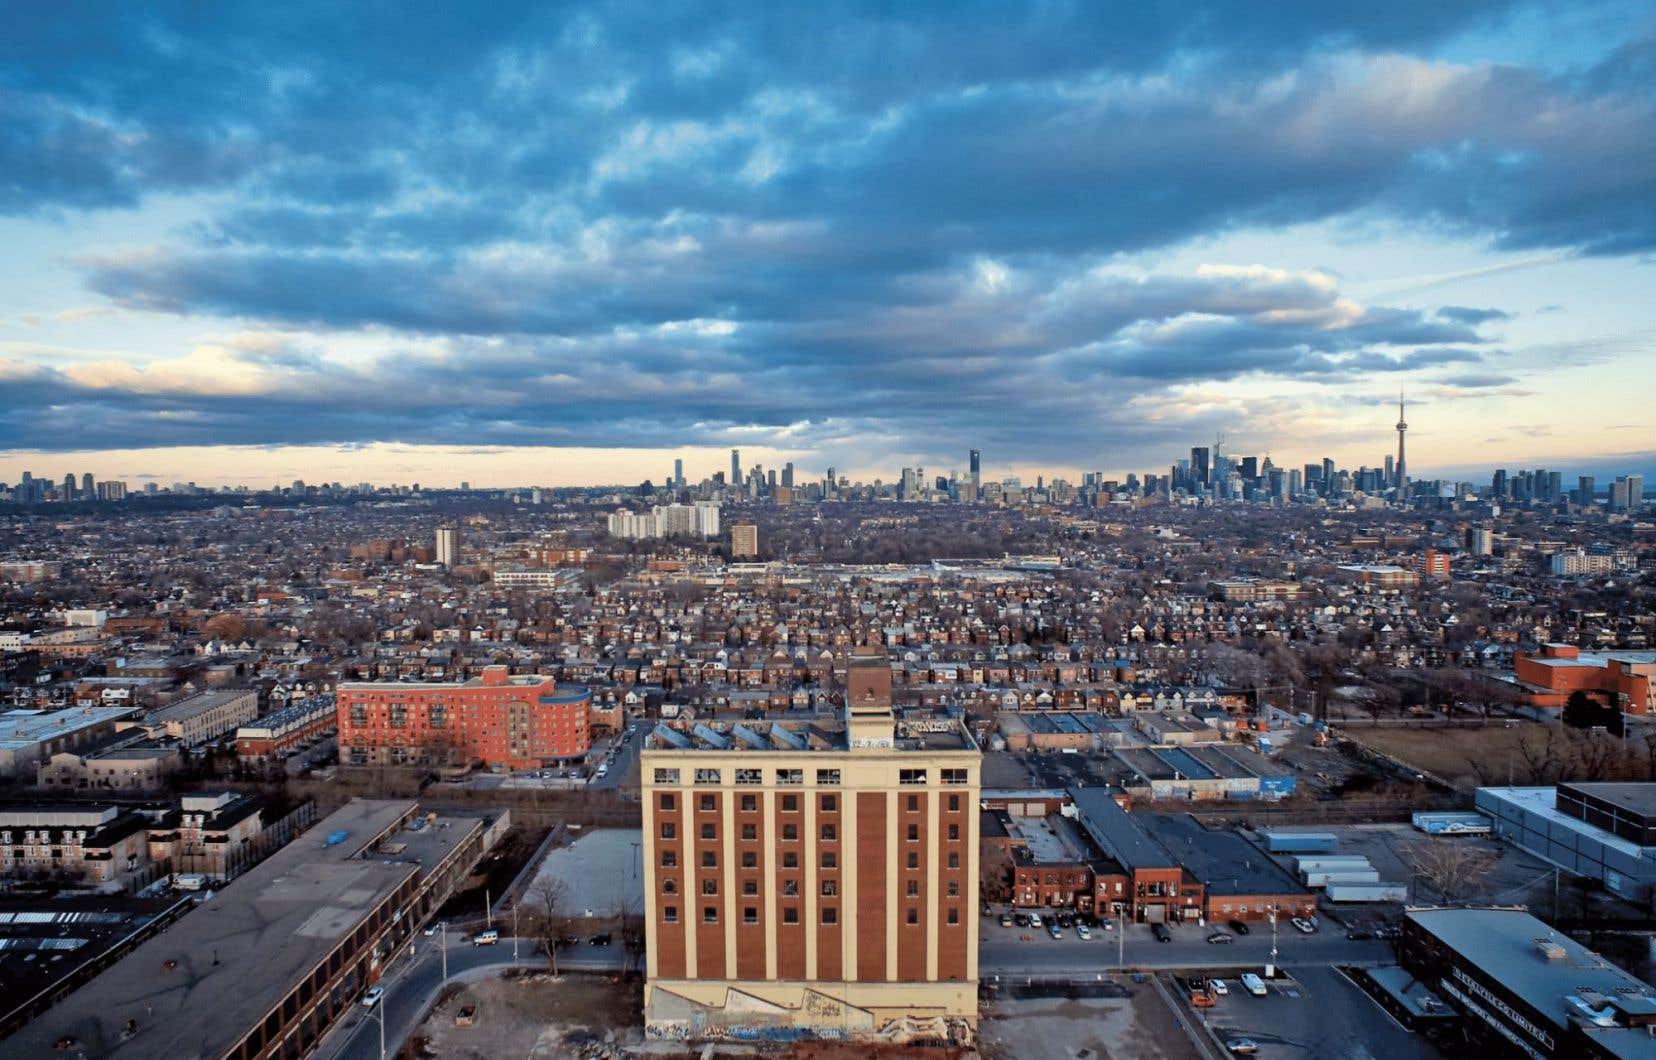 Le nouveau MOCA occupera 25000 pieds carrés d'un édifice bâti en 1919 et utilisé par l'industrie automobile jusqu'en 2006.